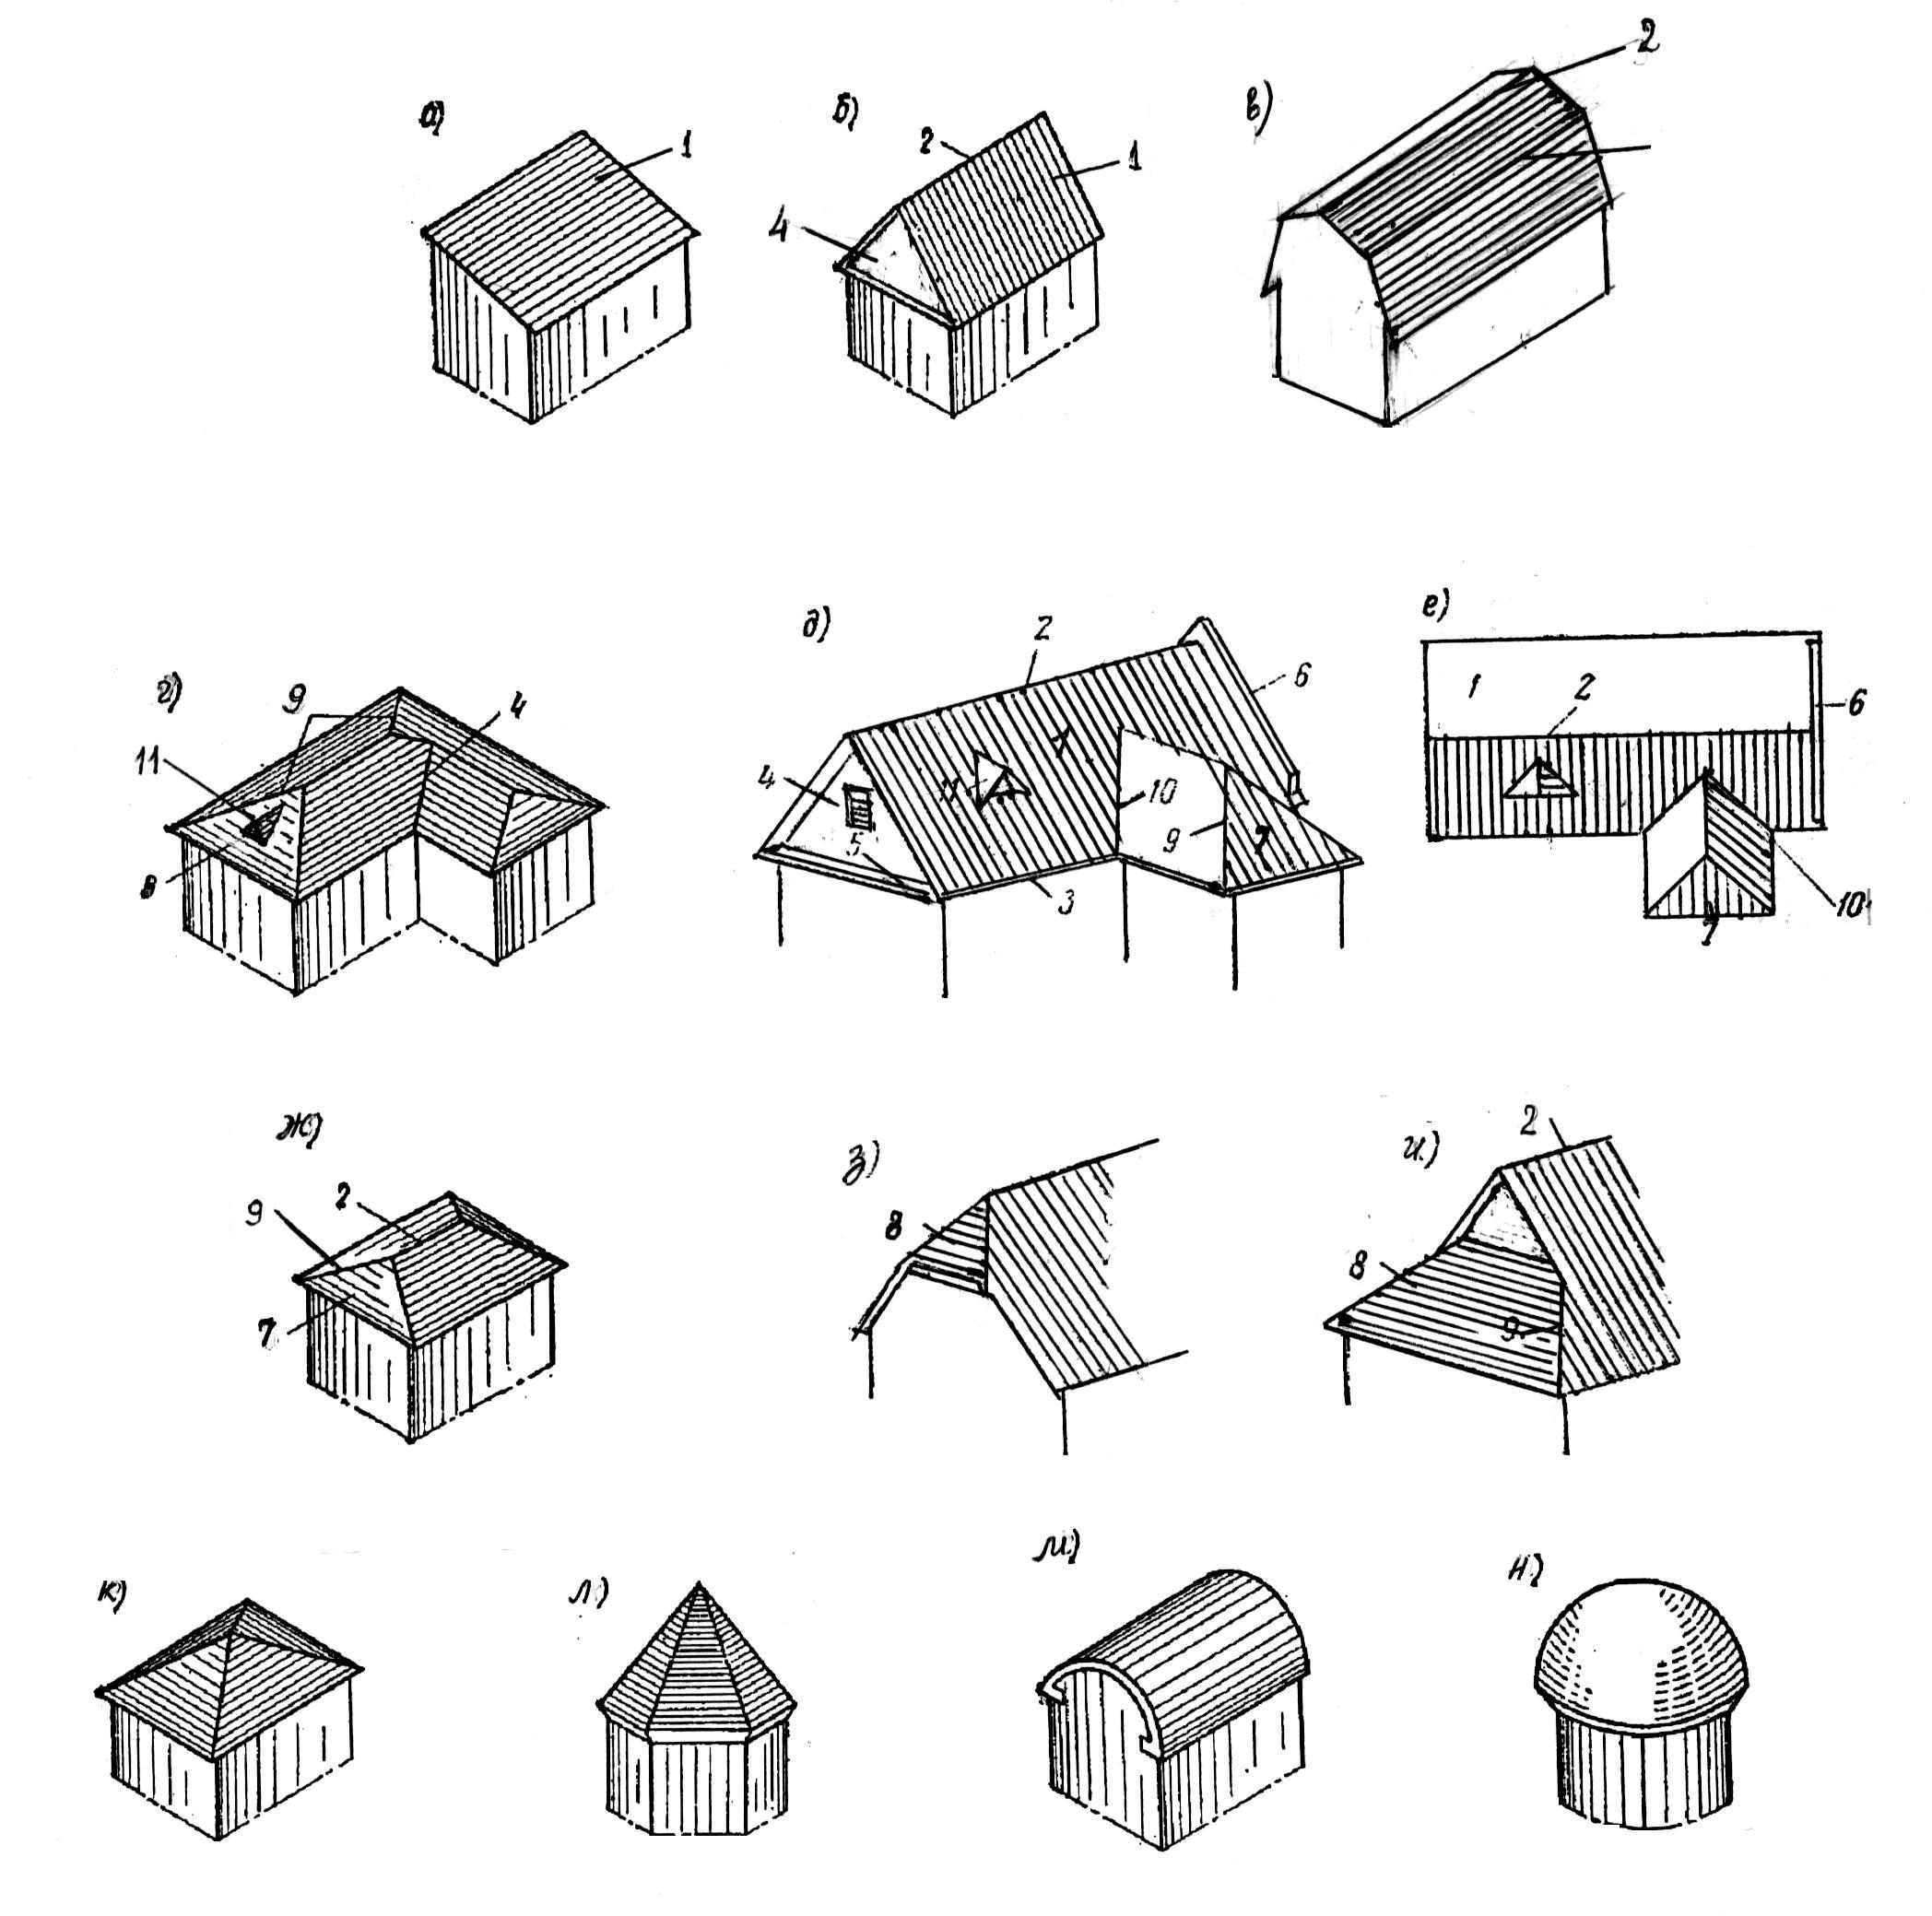 все виды форм крыш в картинках значит, странной